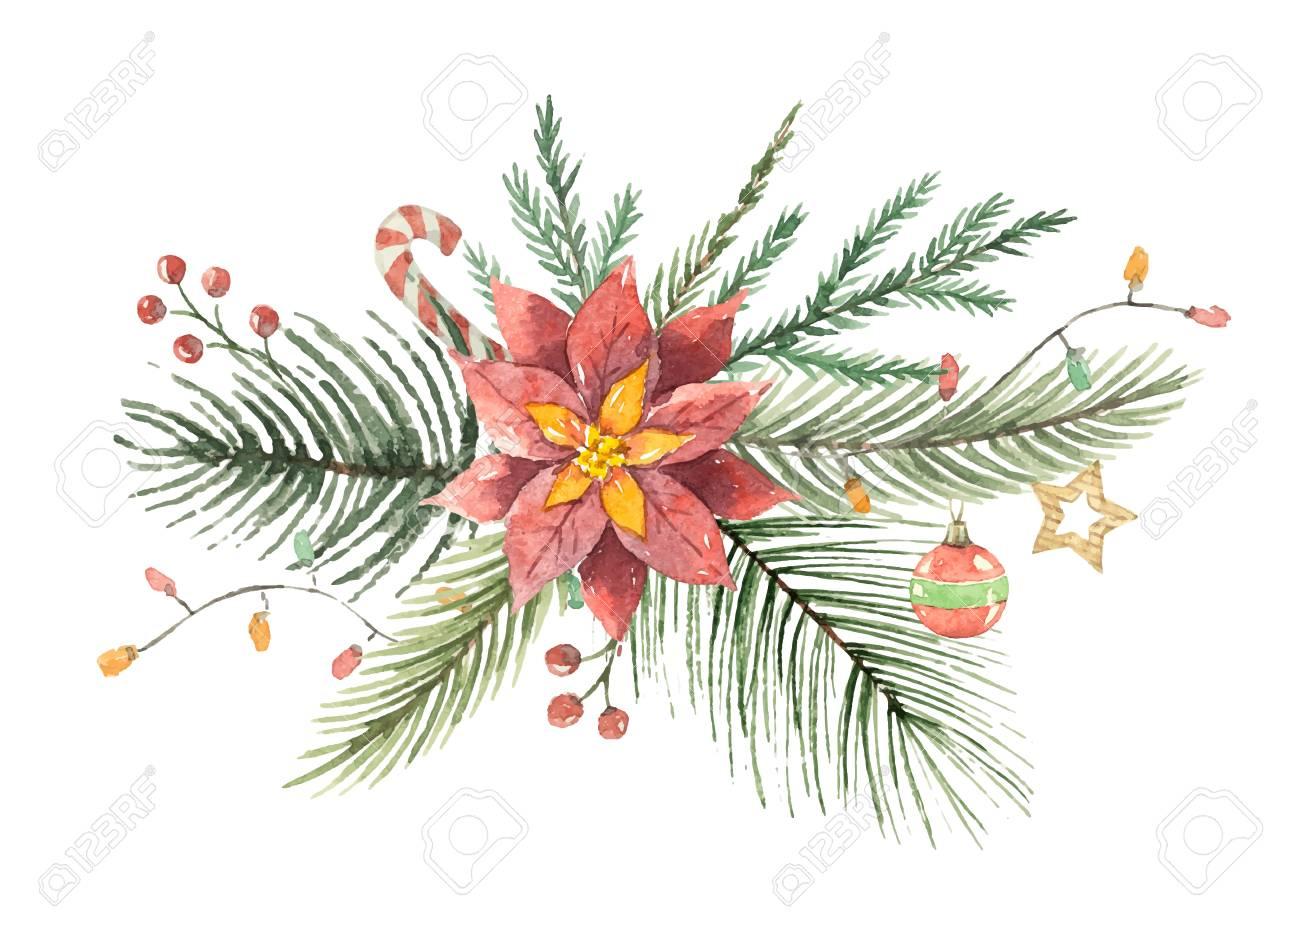 https://previews.123rf.com/images/meggichka/meggichka1710/meggichka171000035/88651842-aquarell-weihnachtsvektorblumenstrau%C3%9F-mit-blumenpoinsettias-und-tannenzweigen-.jpg